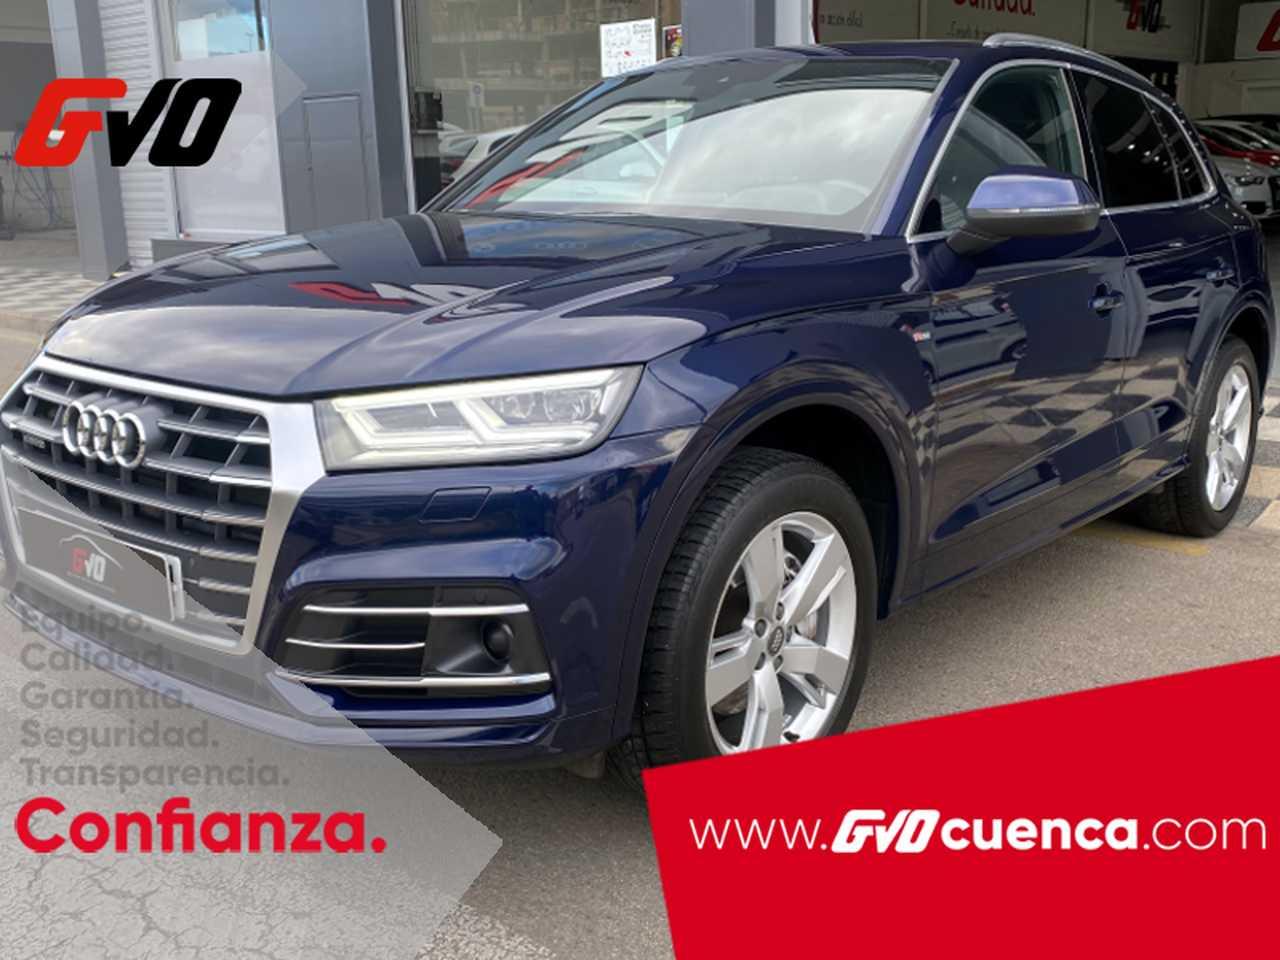 Audi Q5 2.0 TFSI 252 CV QUATTRO SLINE   - Foto 1